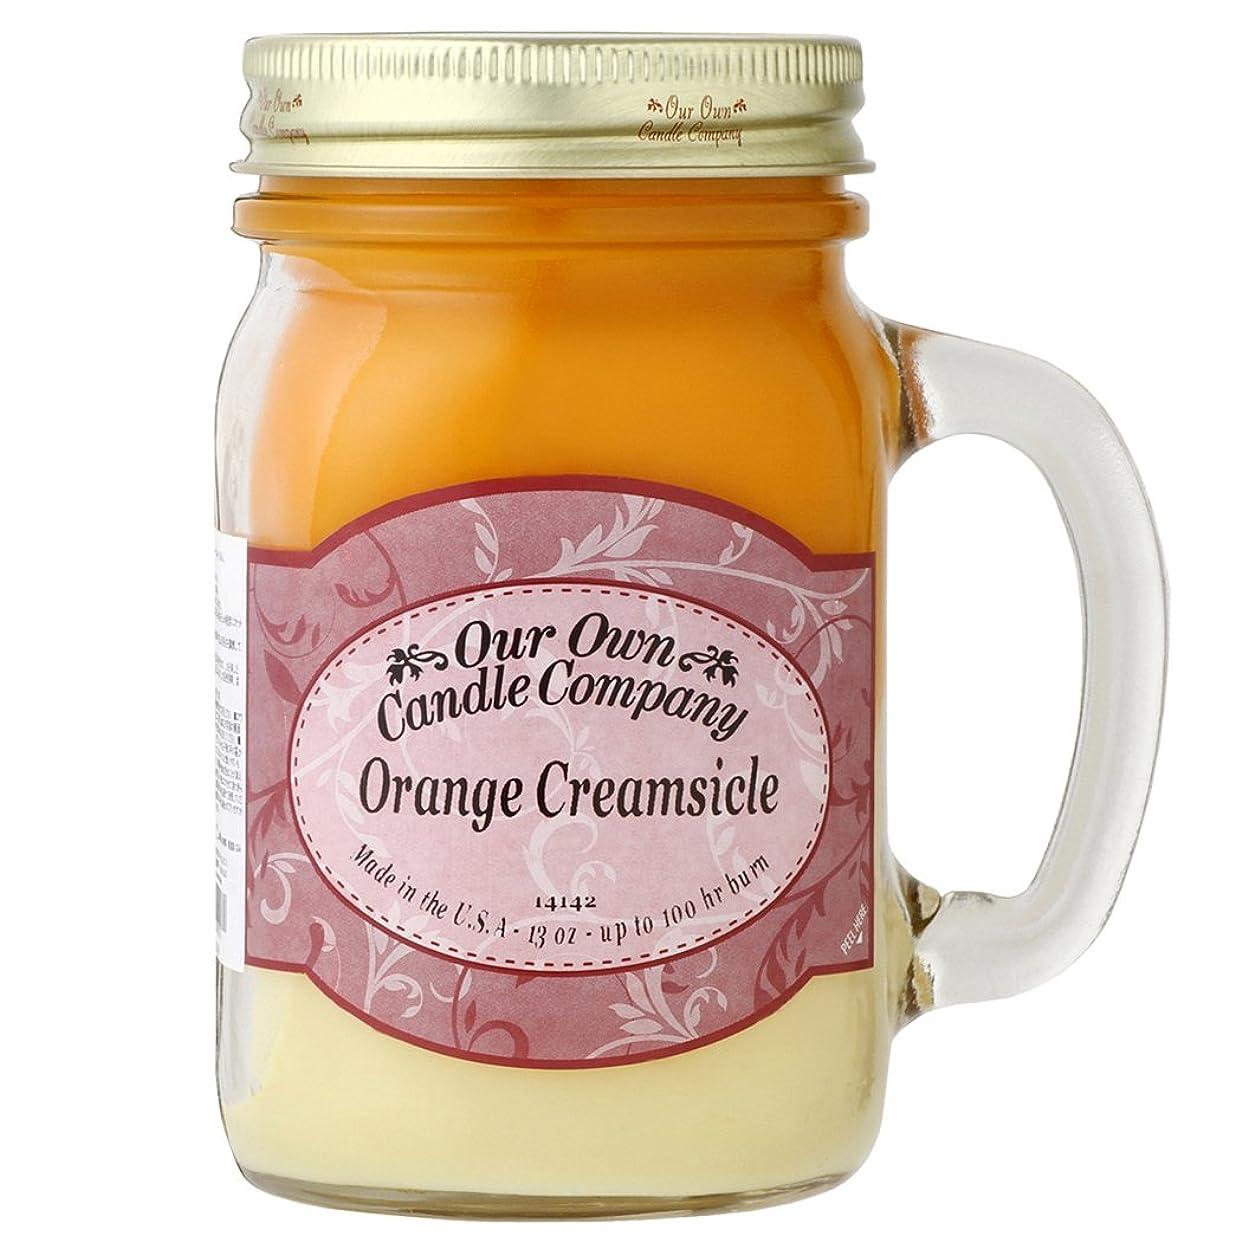 病者マルクス主義カプセルOur Own Candle Company メイソンジャーキャンドル ラージサイズ オレンジクリームシルク OU100085